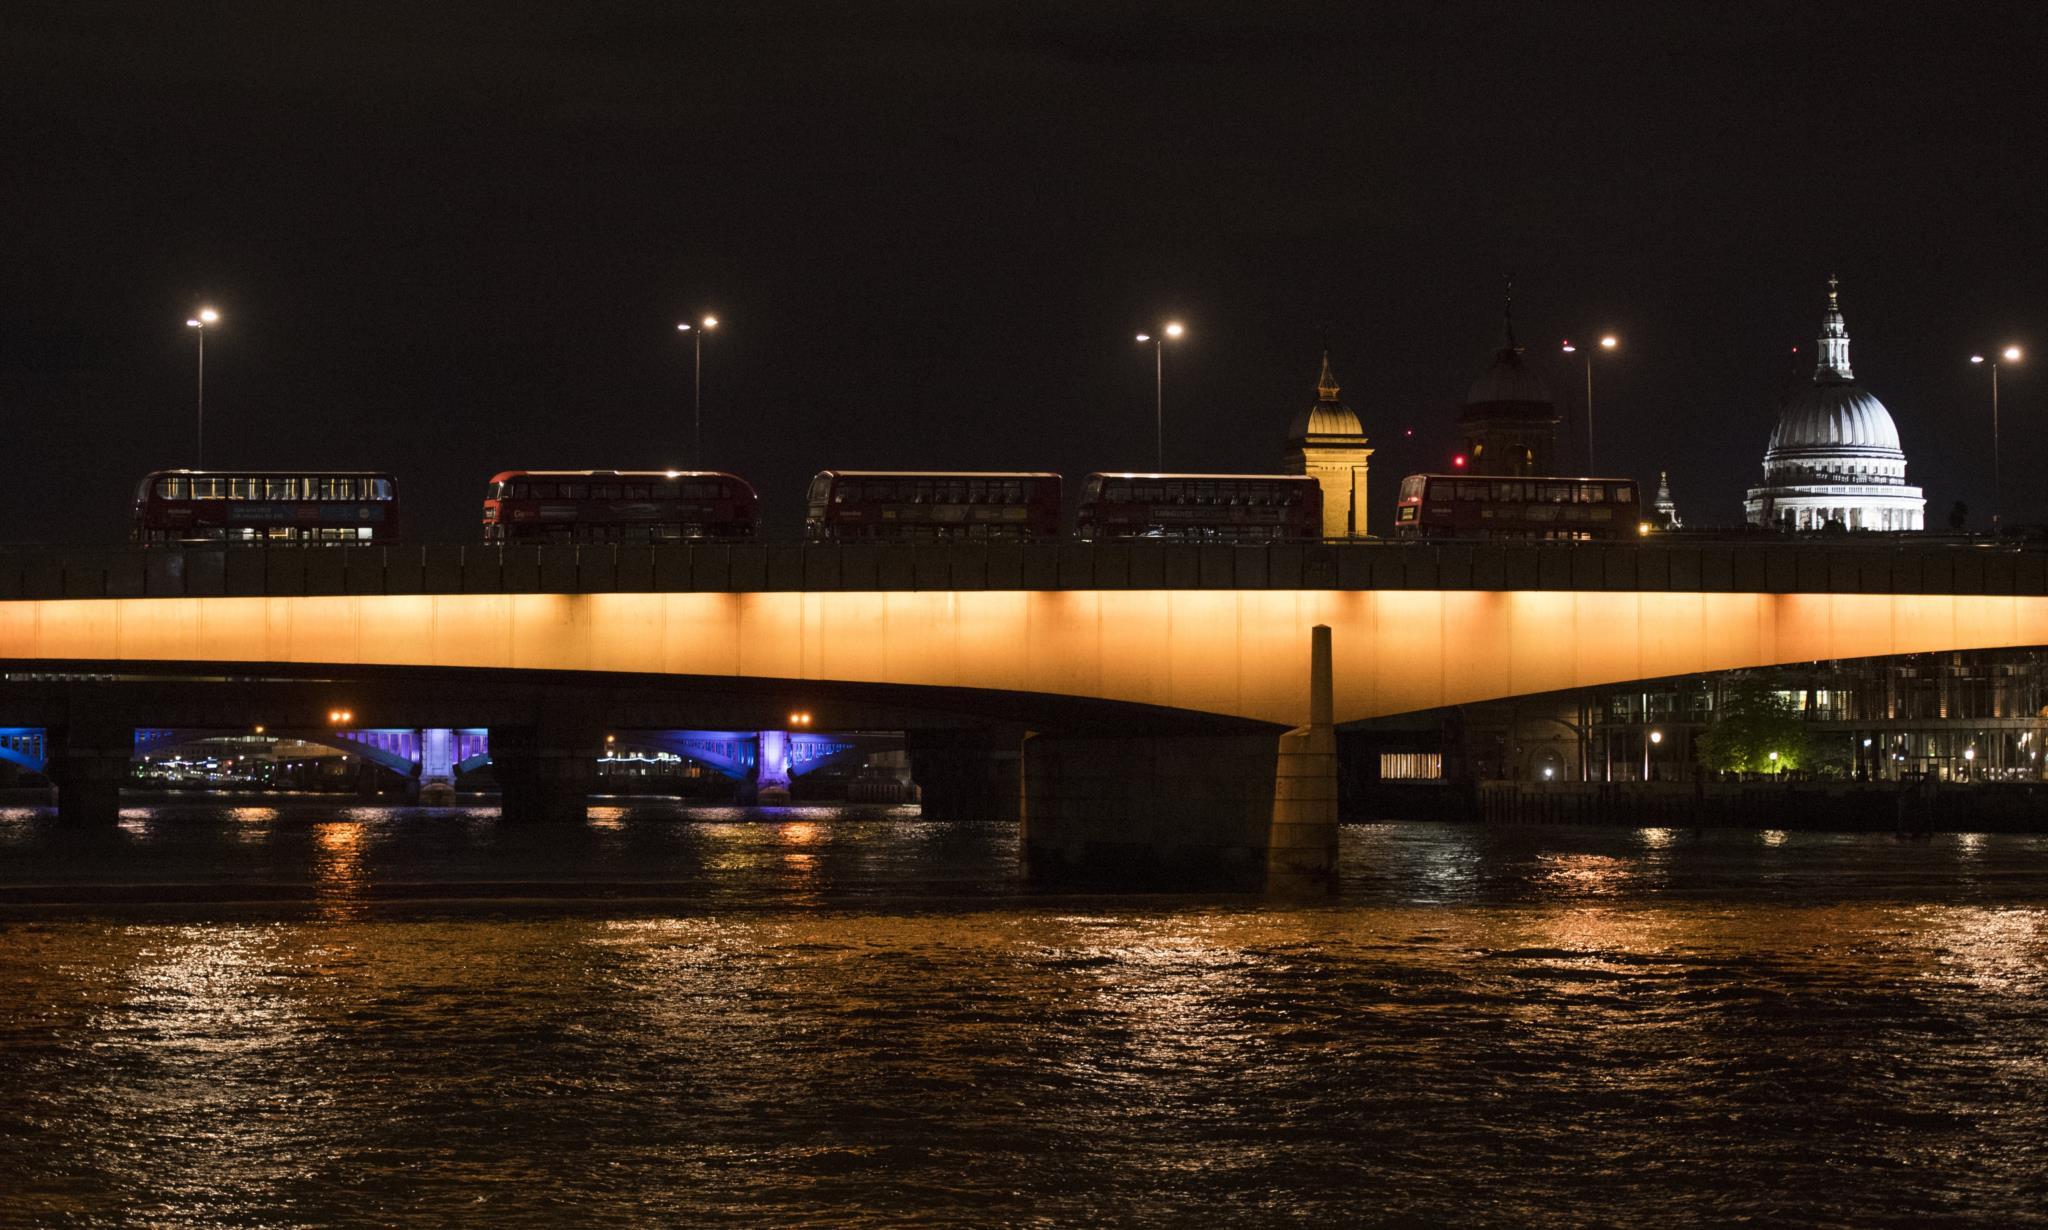 Uma carrinha atropelou várias pessoas na Ponte de Londres